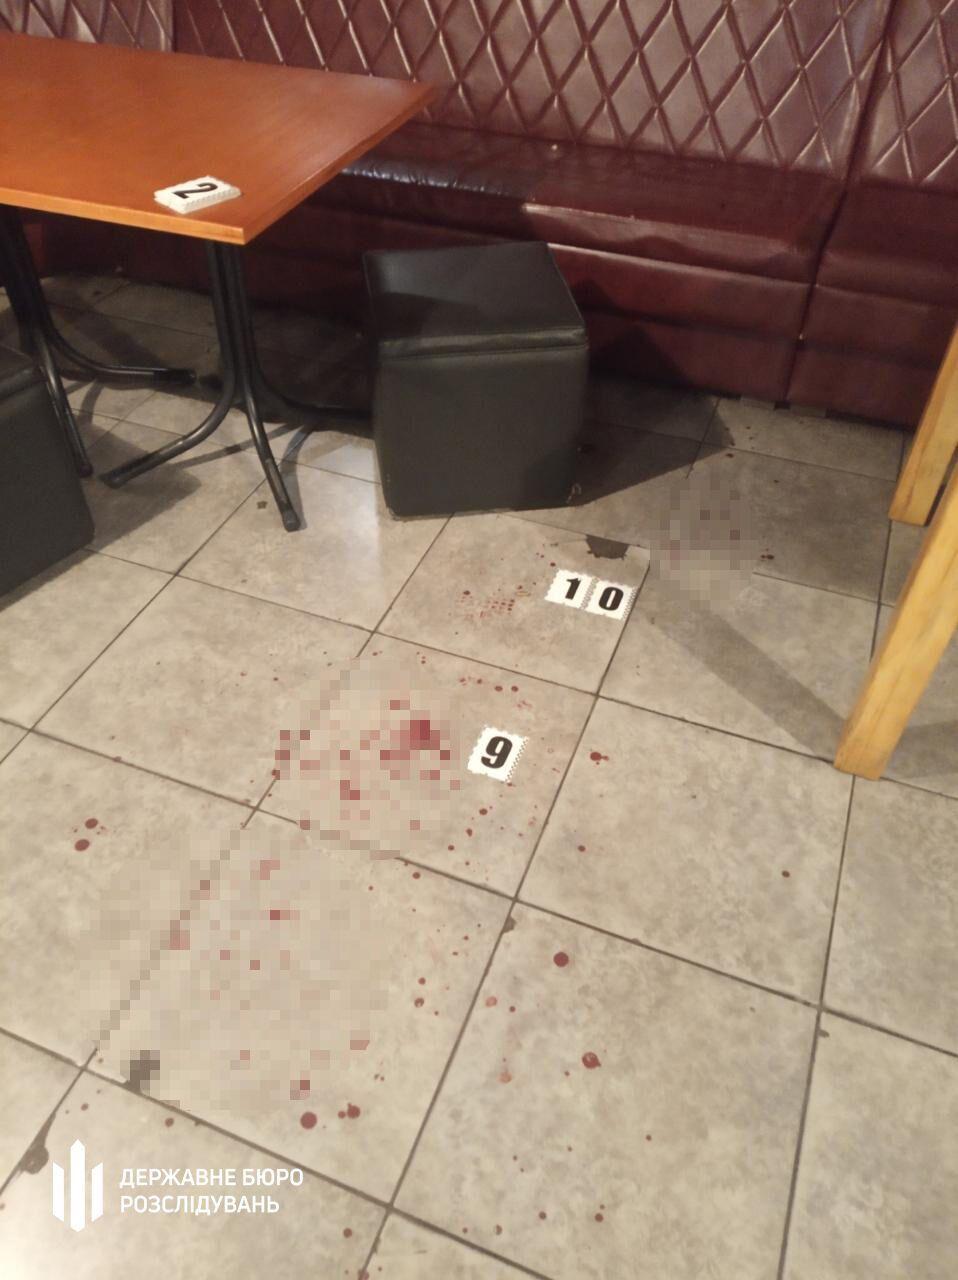 На підлозі розважального закладу залишилися сліди крові.